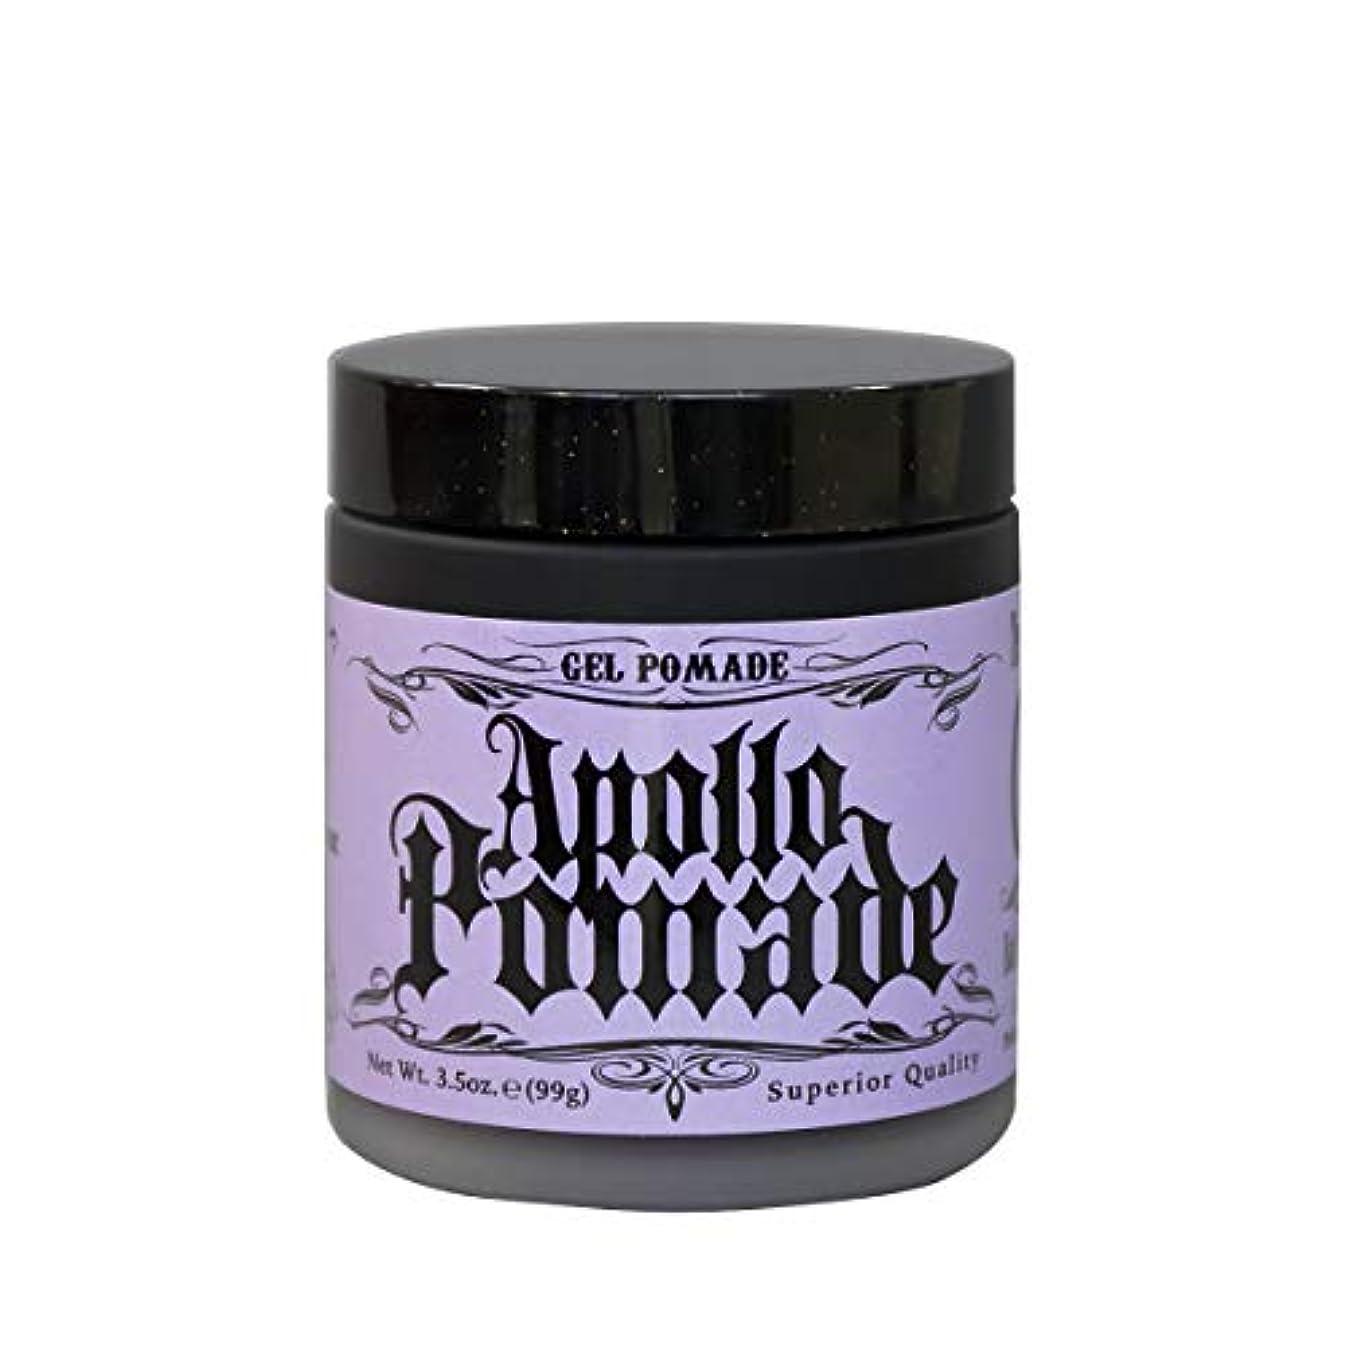 ご覧くださいノイズ政治的ポマード メンズ Apollo Pamade (アポロポマード ジェルポム 水性 ) 3.5oz(99g)